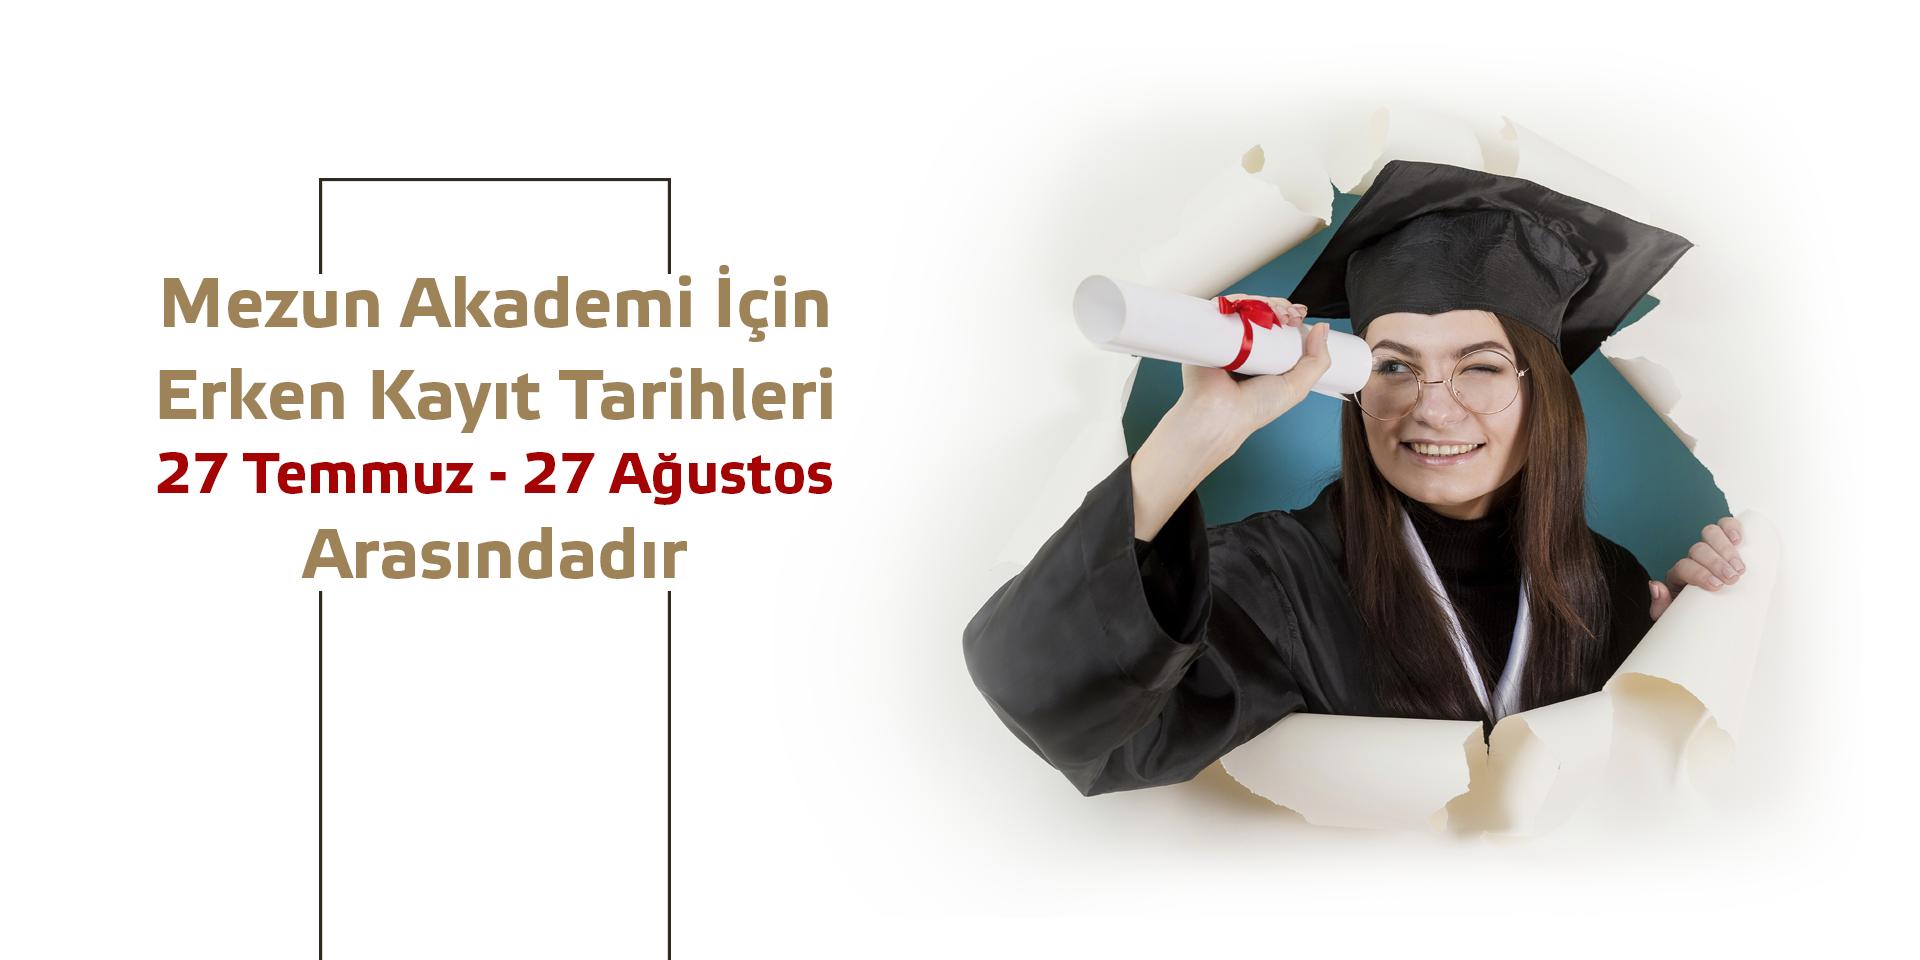 Türkiye'nin ve Kayseri'nin ilk mezun akademisinde yerinizi almak için acele ediniz. Hafta içi saat 09.00 – 21.00 arası sadece 57 mezun öğrenciler olacaktır. Haftalık 24 saat ders ve 8 saat etüt yapılacaktır. Daha detaylı bilgi almak için bizimle görüşebilirsiniz.